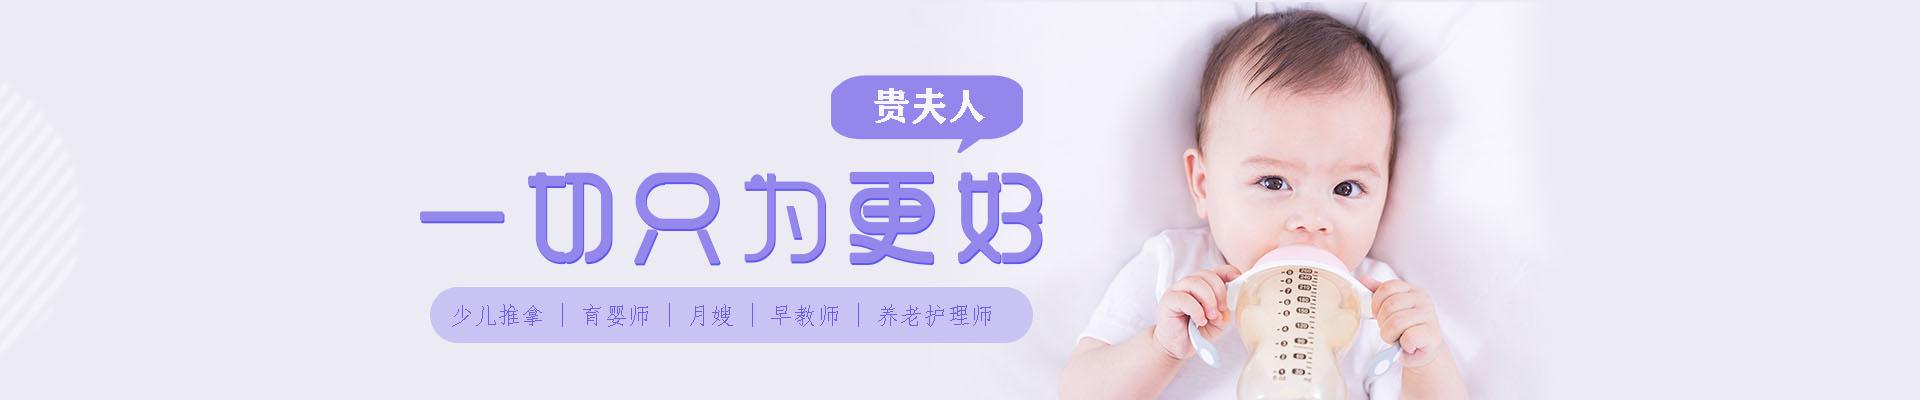 广州贵夫人母婴护理培训学院